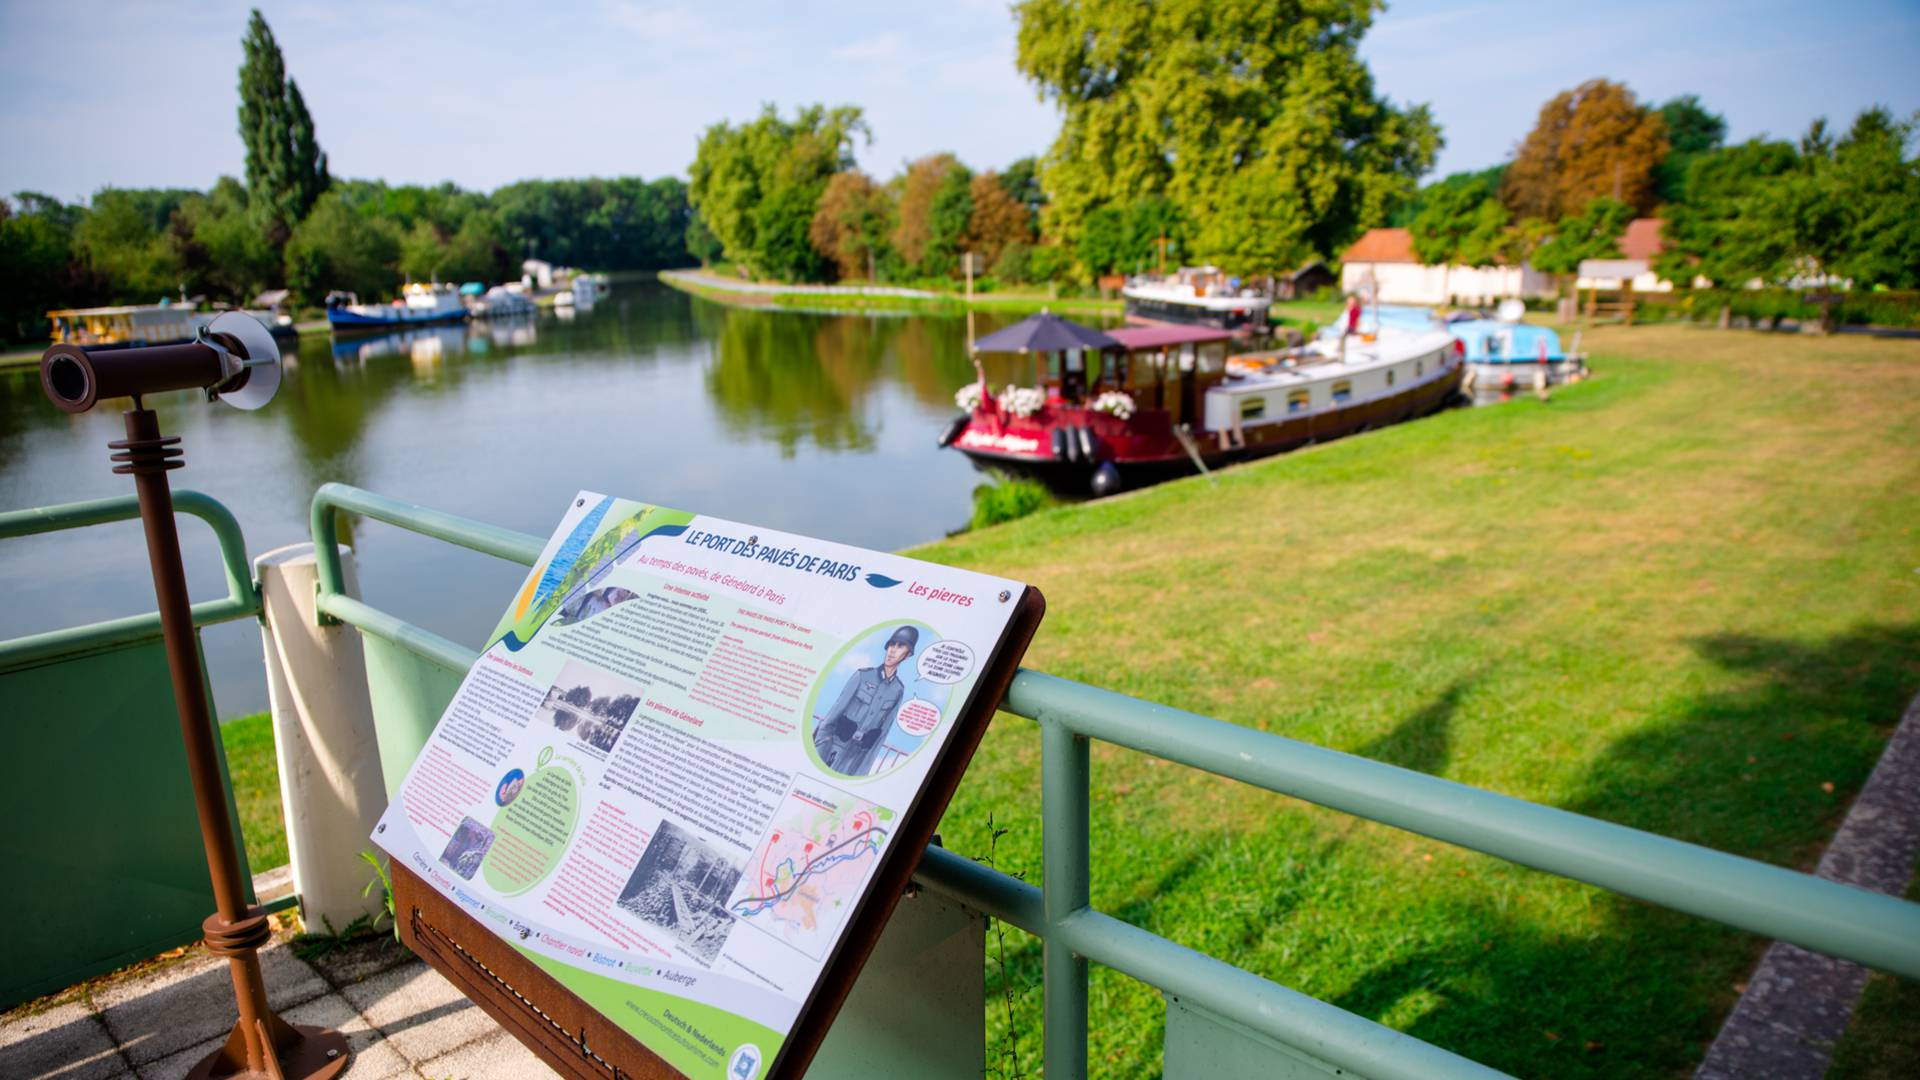 Le sentier d'interprétation de la tranchée du canal à Génelard, avec ses panneaux explicatifs. © Franck Juillot.